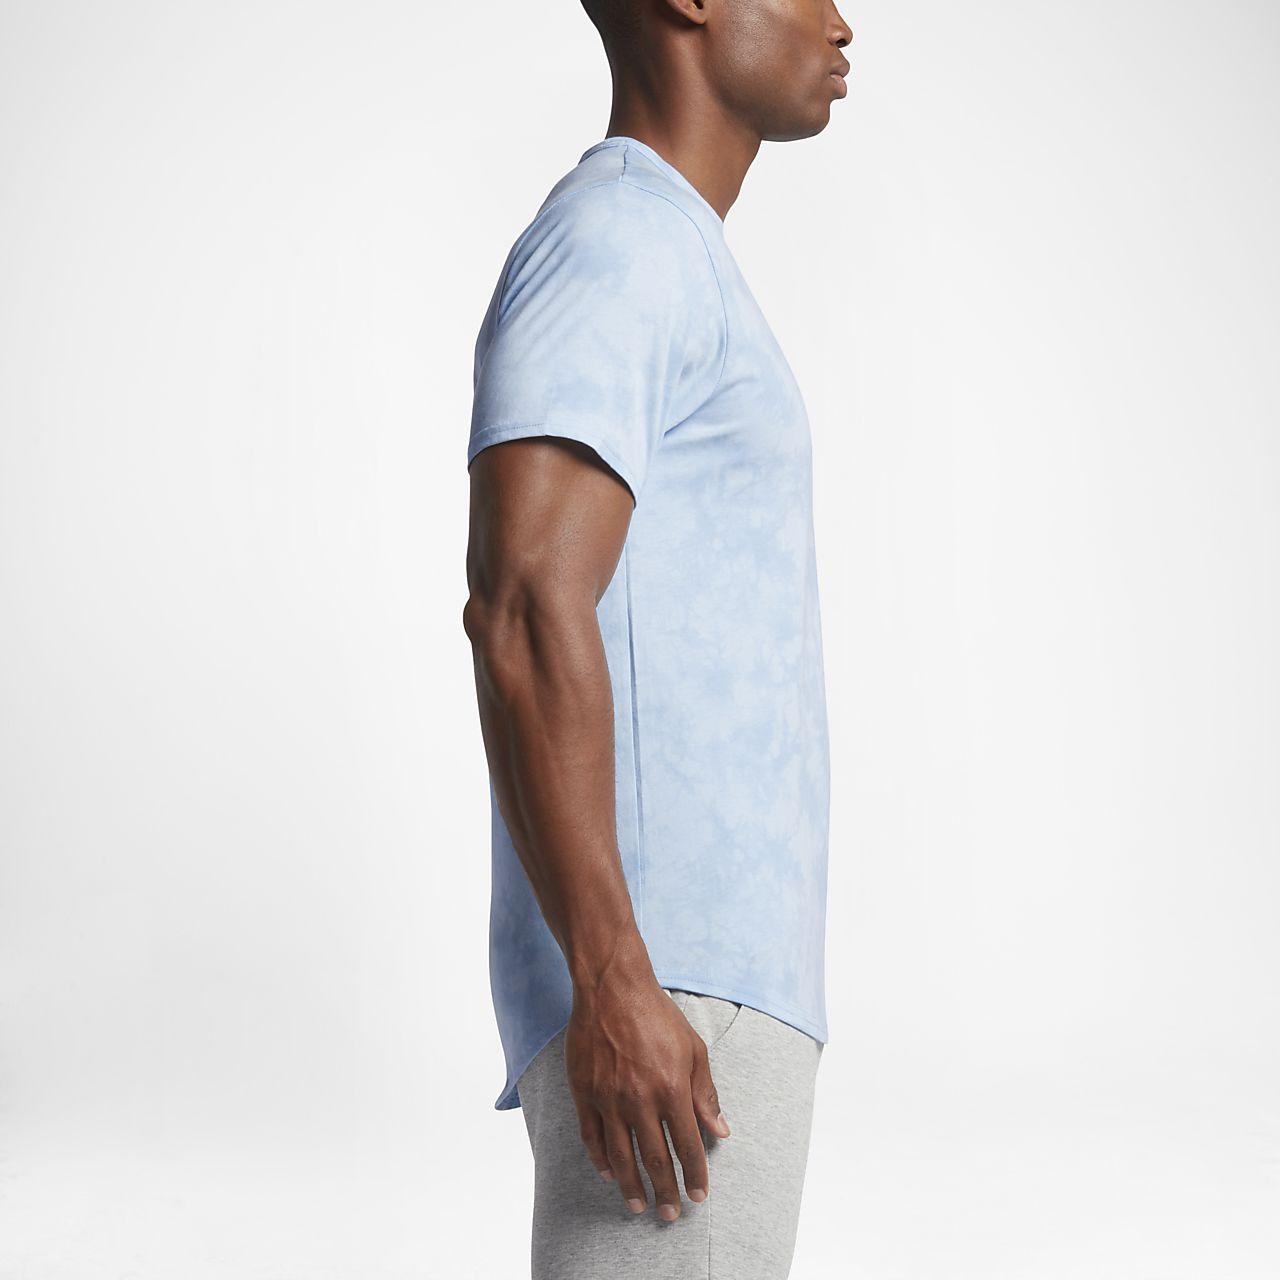 a43f3634d62f91 Jordan 23 True Fadeaway Men s T-Shirt. Nike.com IN